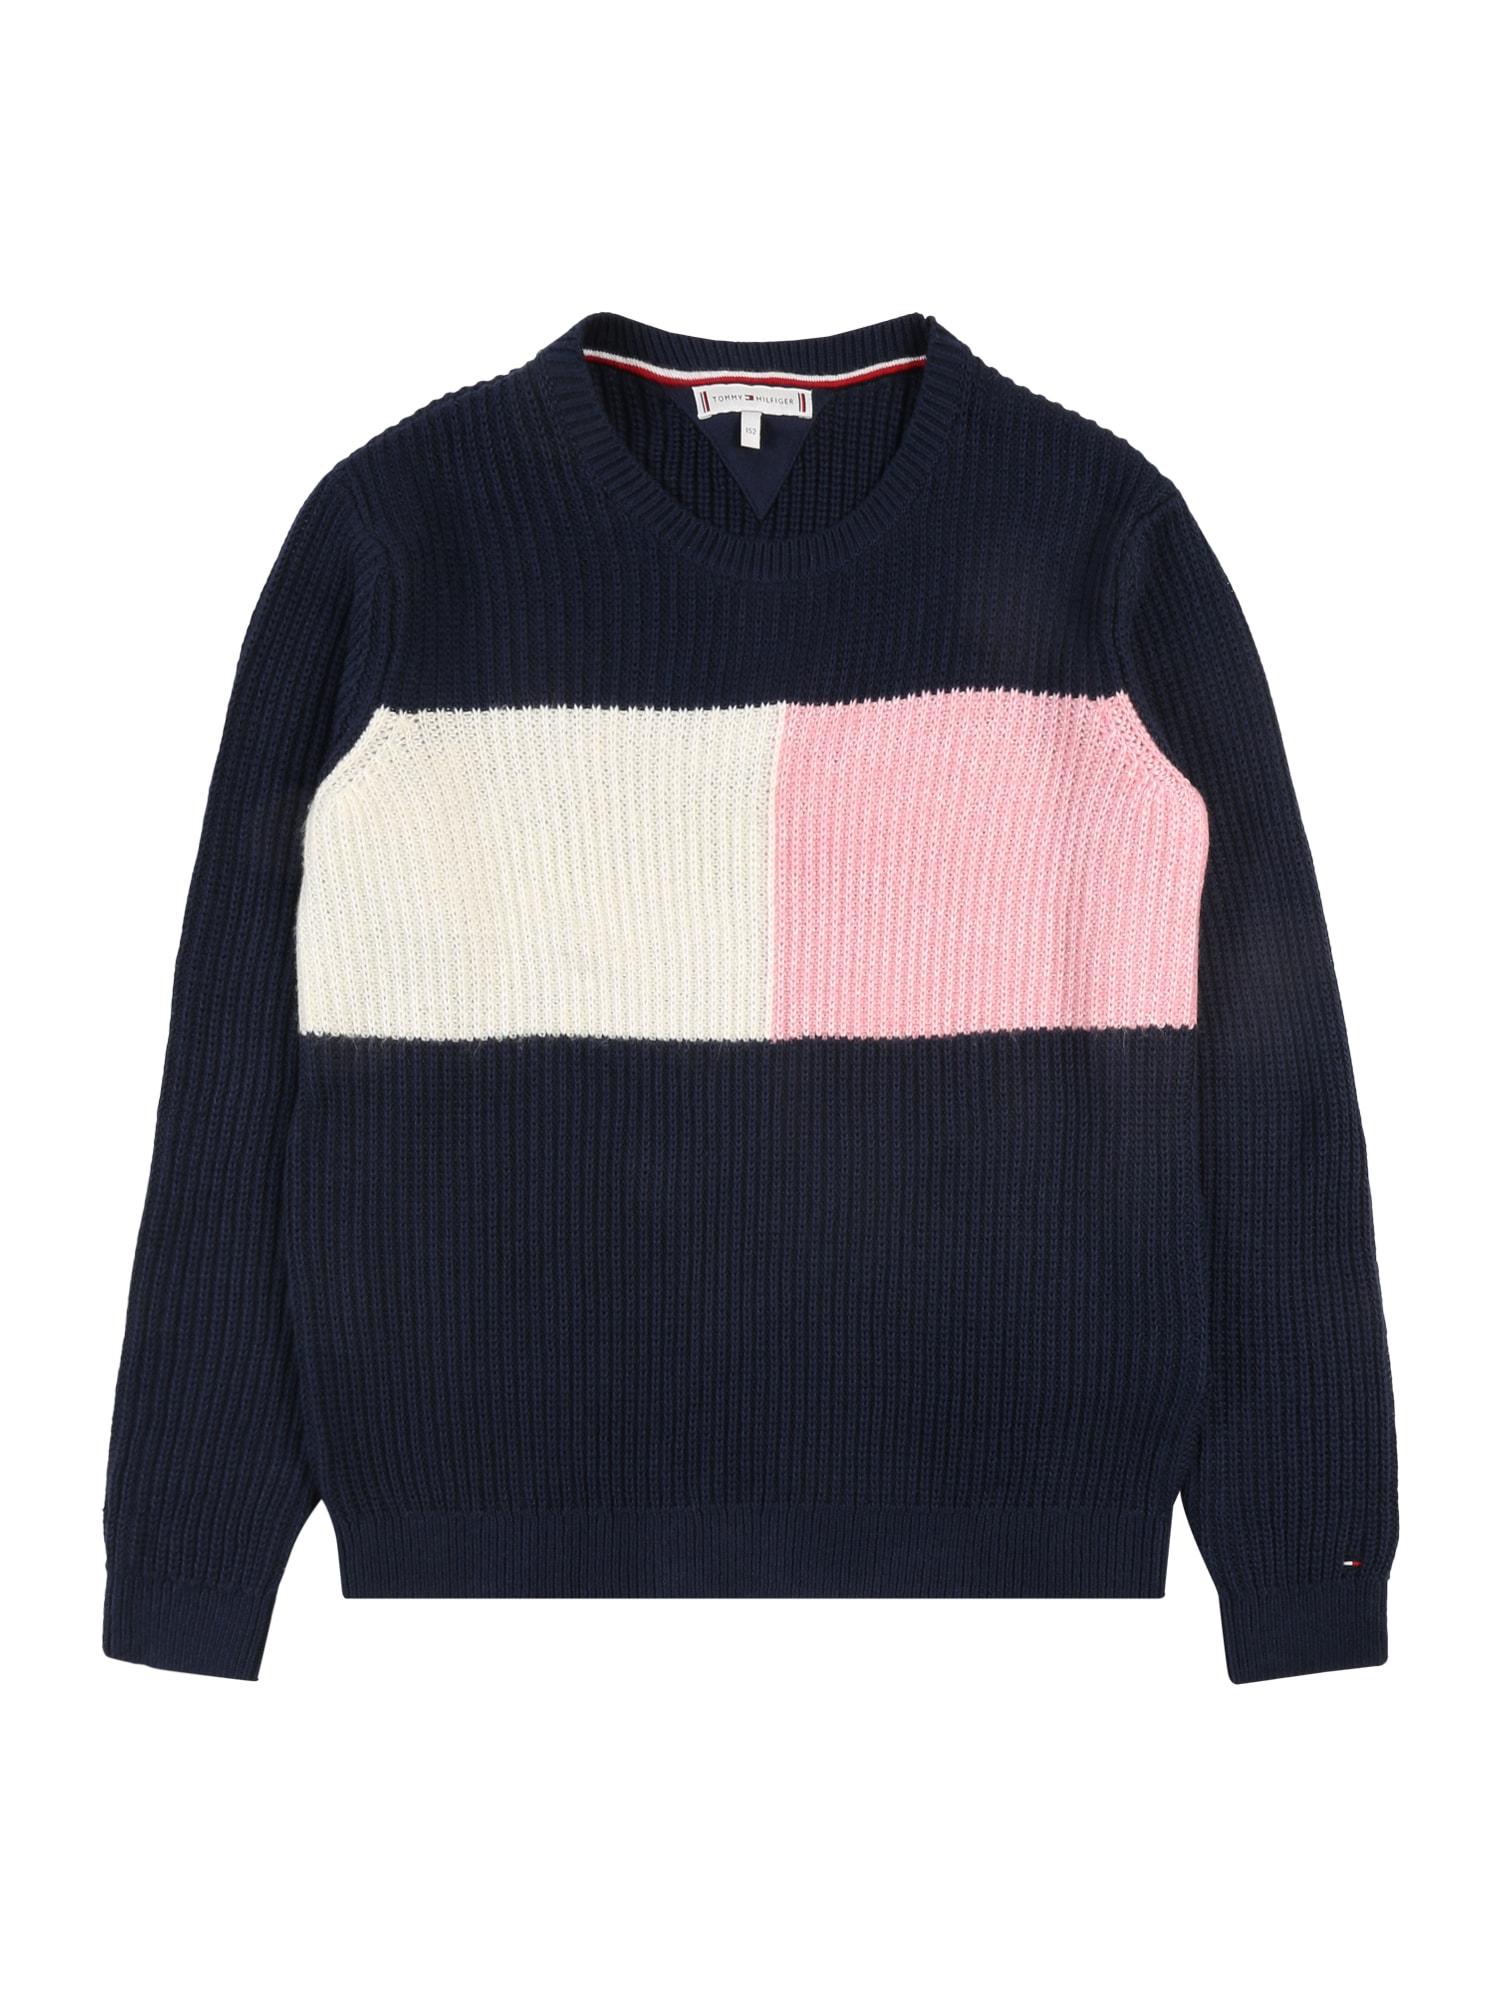 TOMMY HILFIGER Megztinis 'COLOURBLOCK SWEATER' tamsiai mėlyna / ryškiai rožinė spalva / natūrali balta